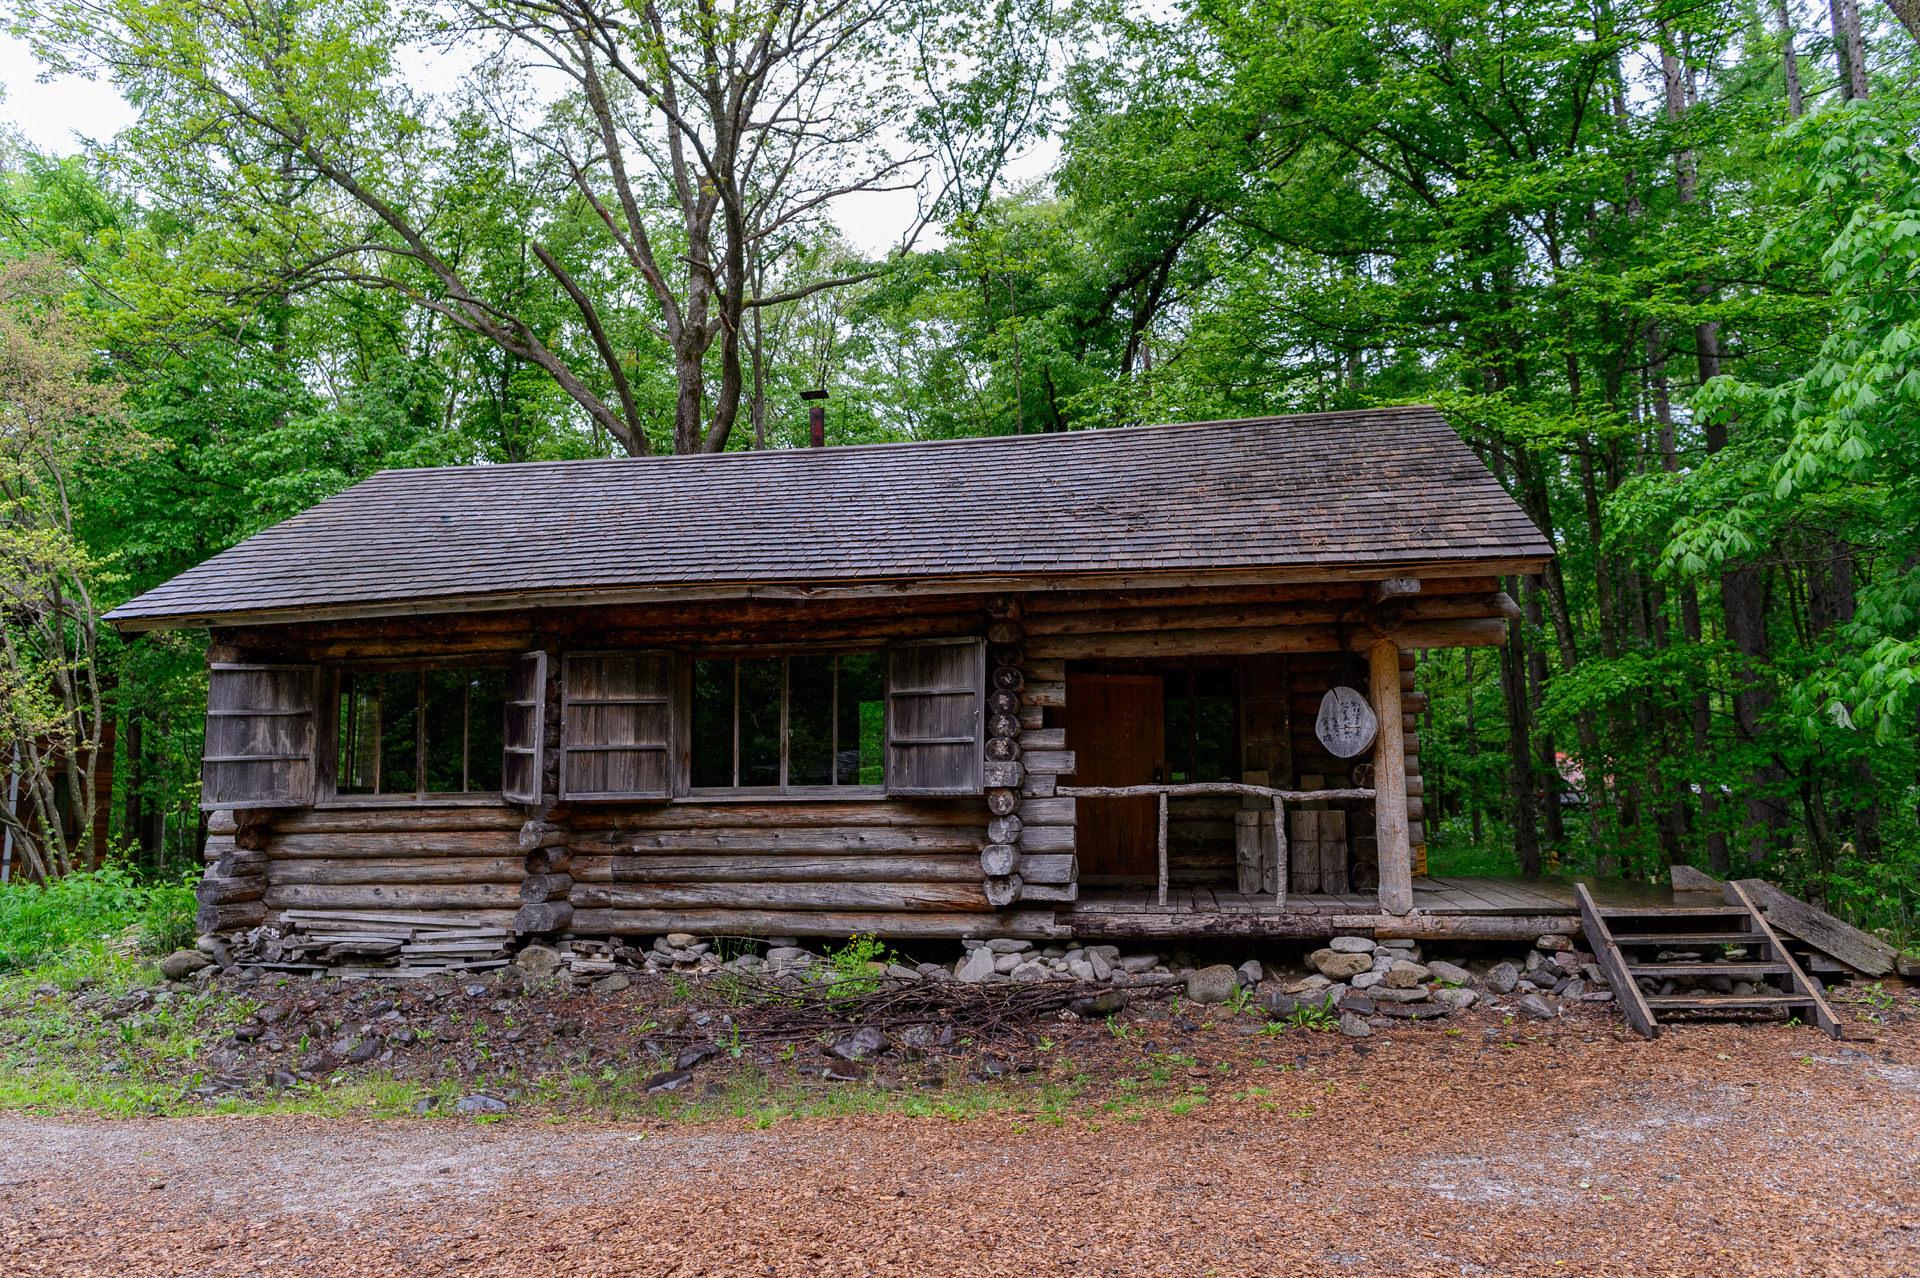 北の国から、丸太小屋